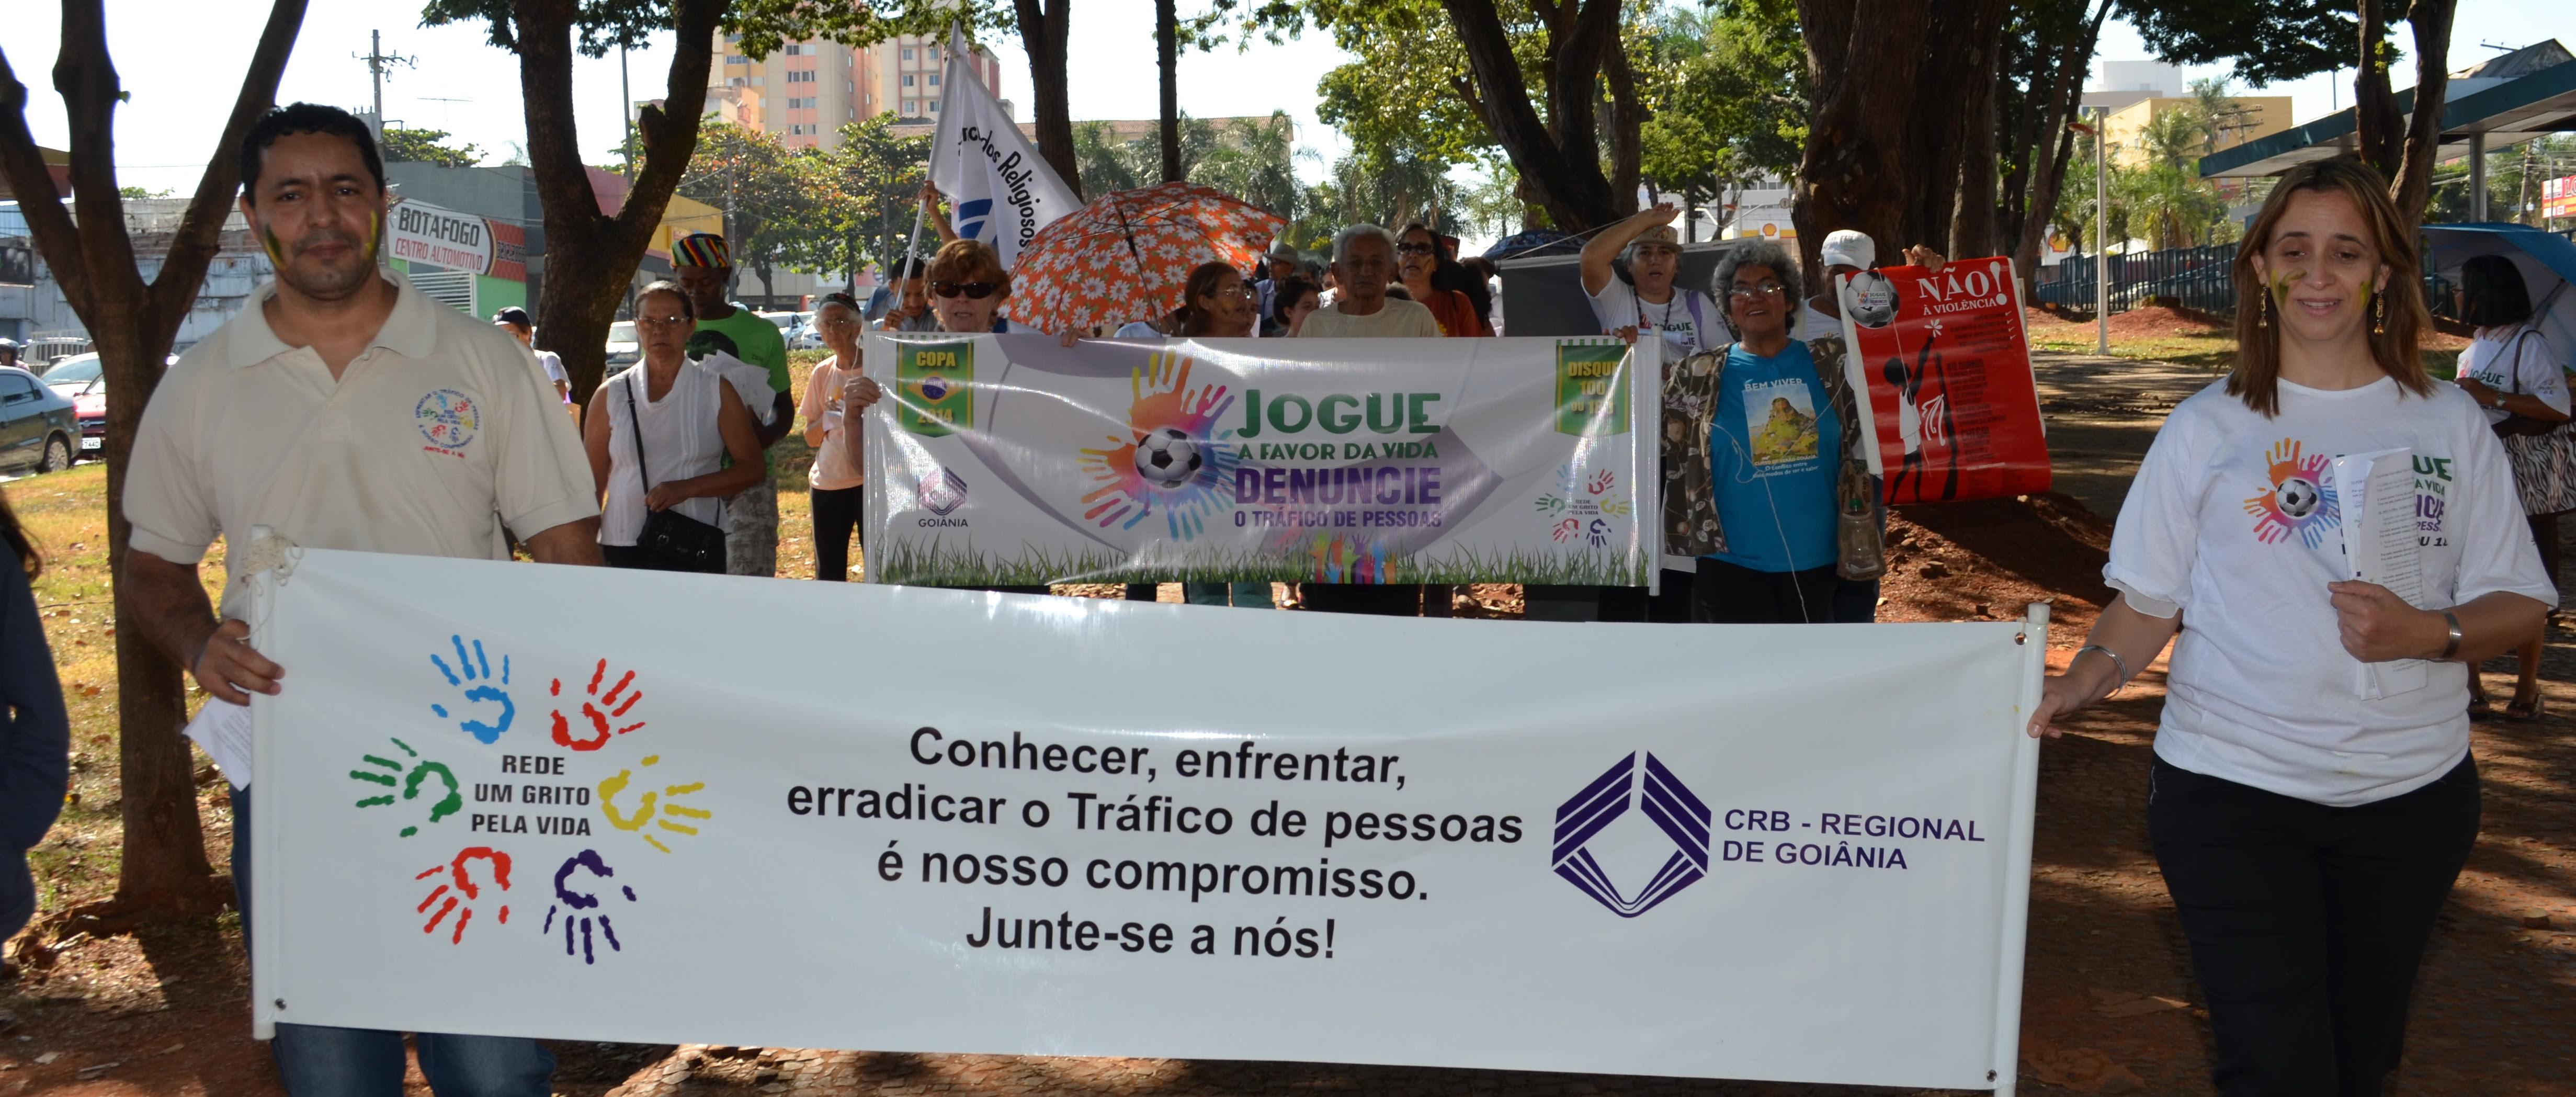 Um Grito Pela Vida promove ação em Goiânia para denunciar o Tráfico de Pessoas